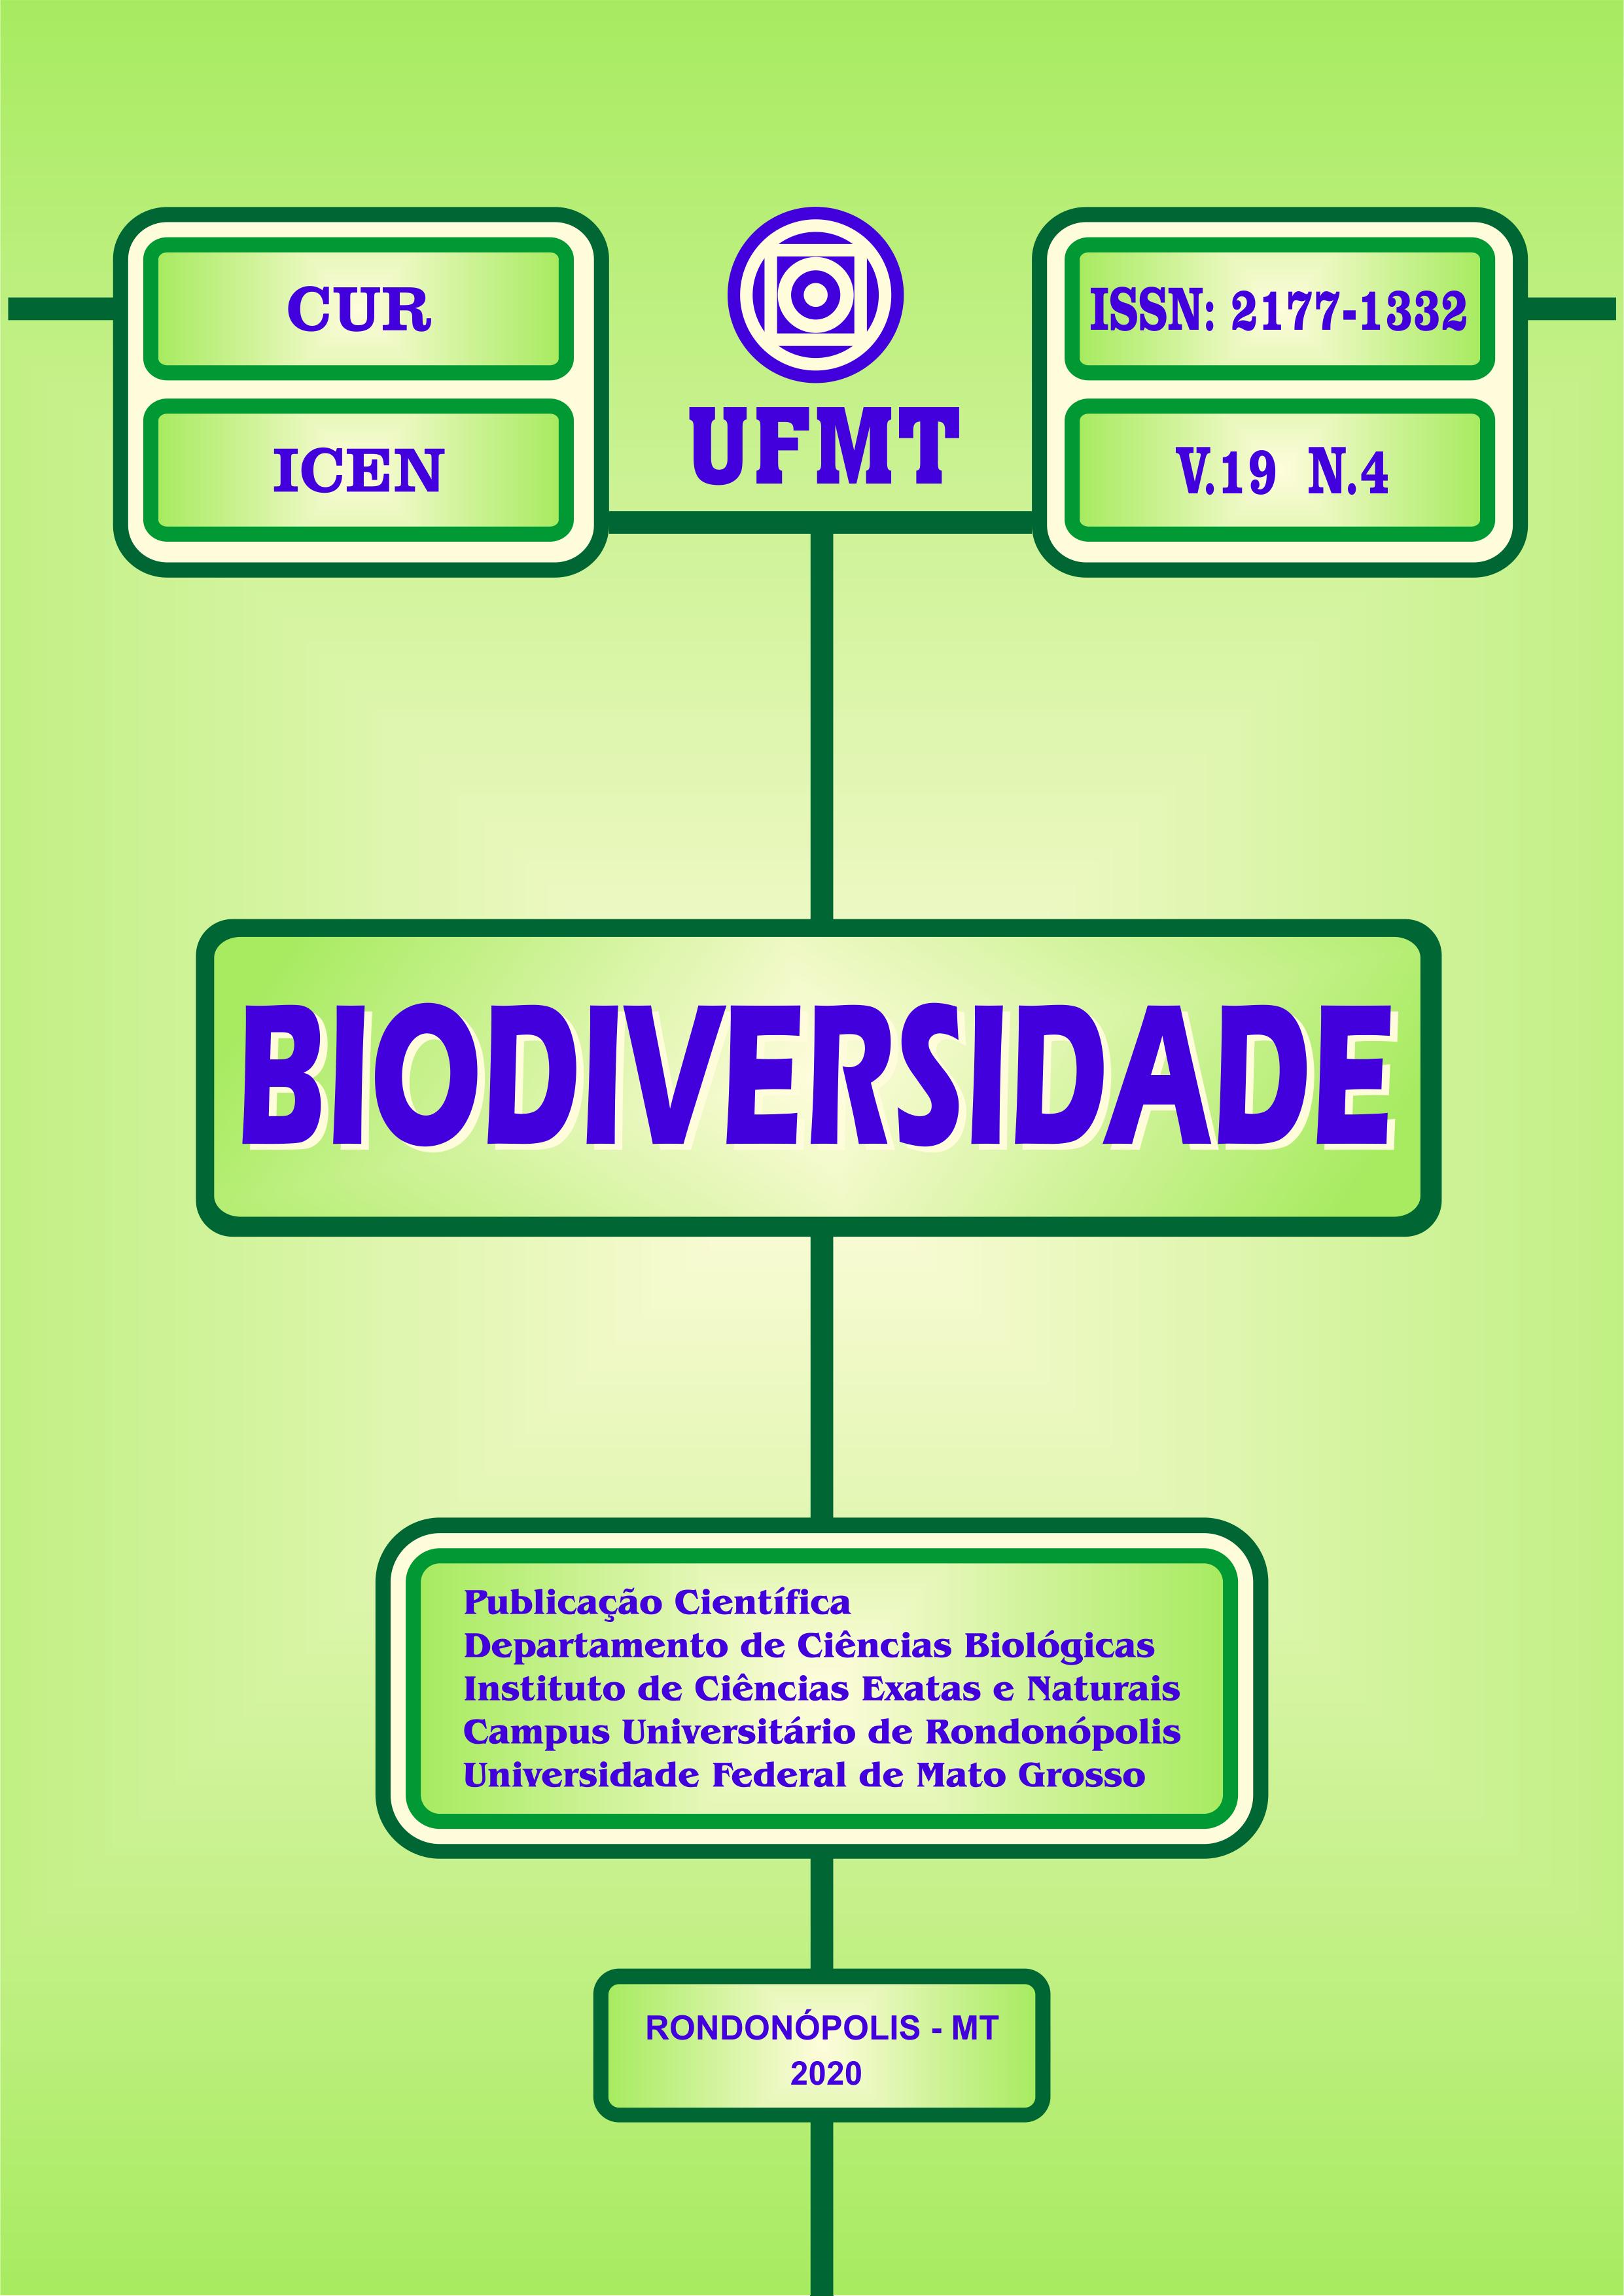 Visualizar v. 19 n. 4 (2020): REVISTA BIODIVERSIDADE